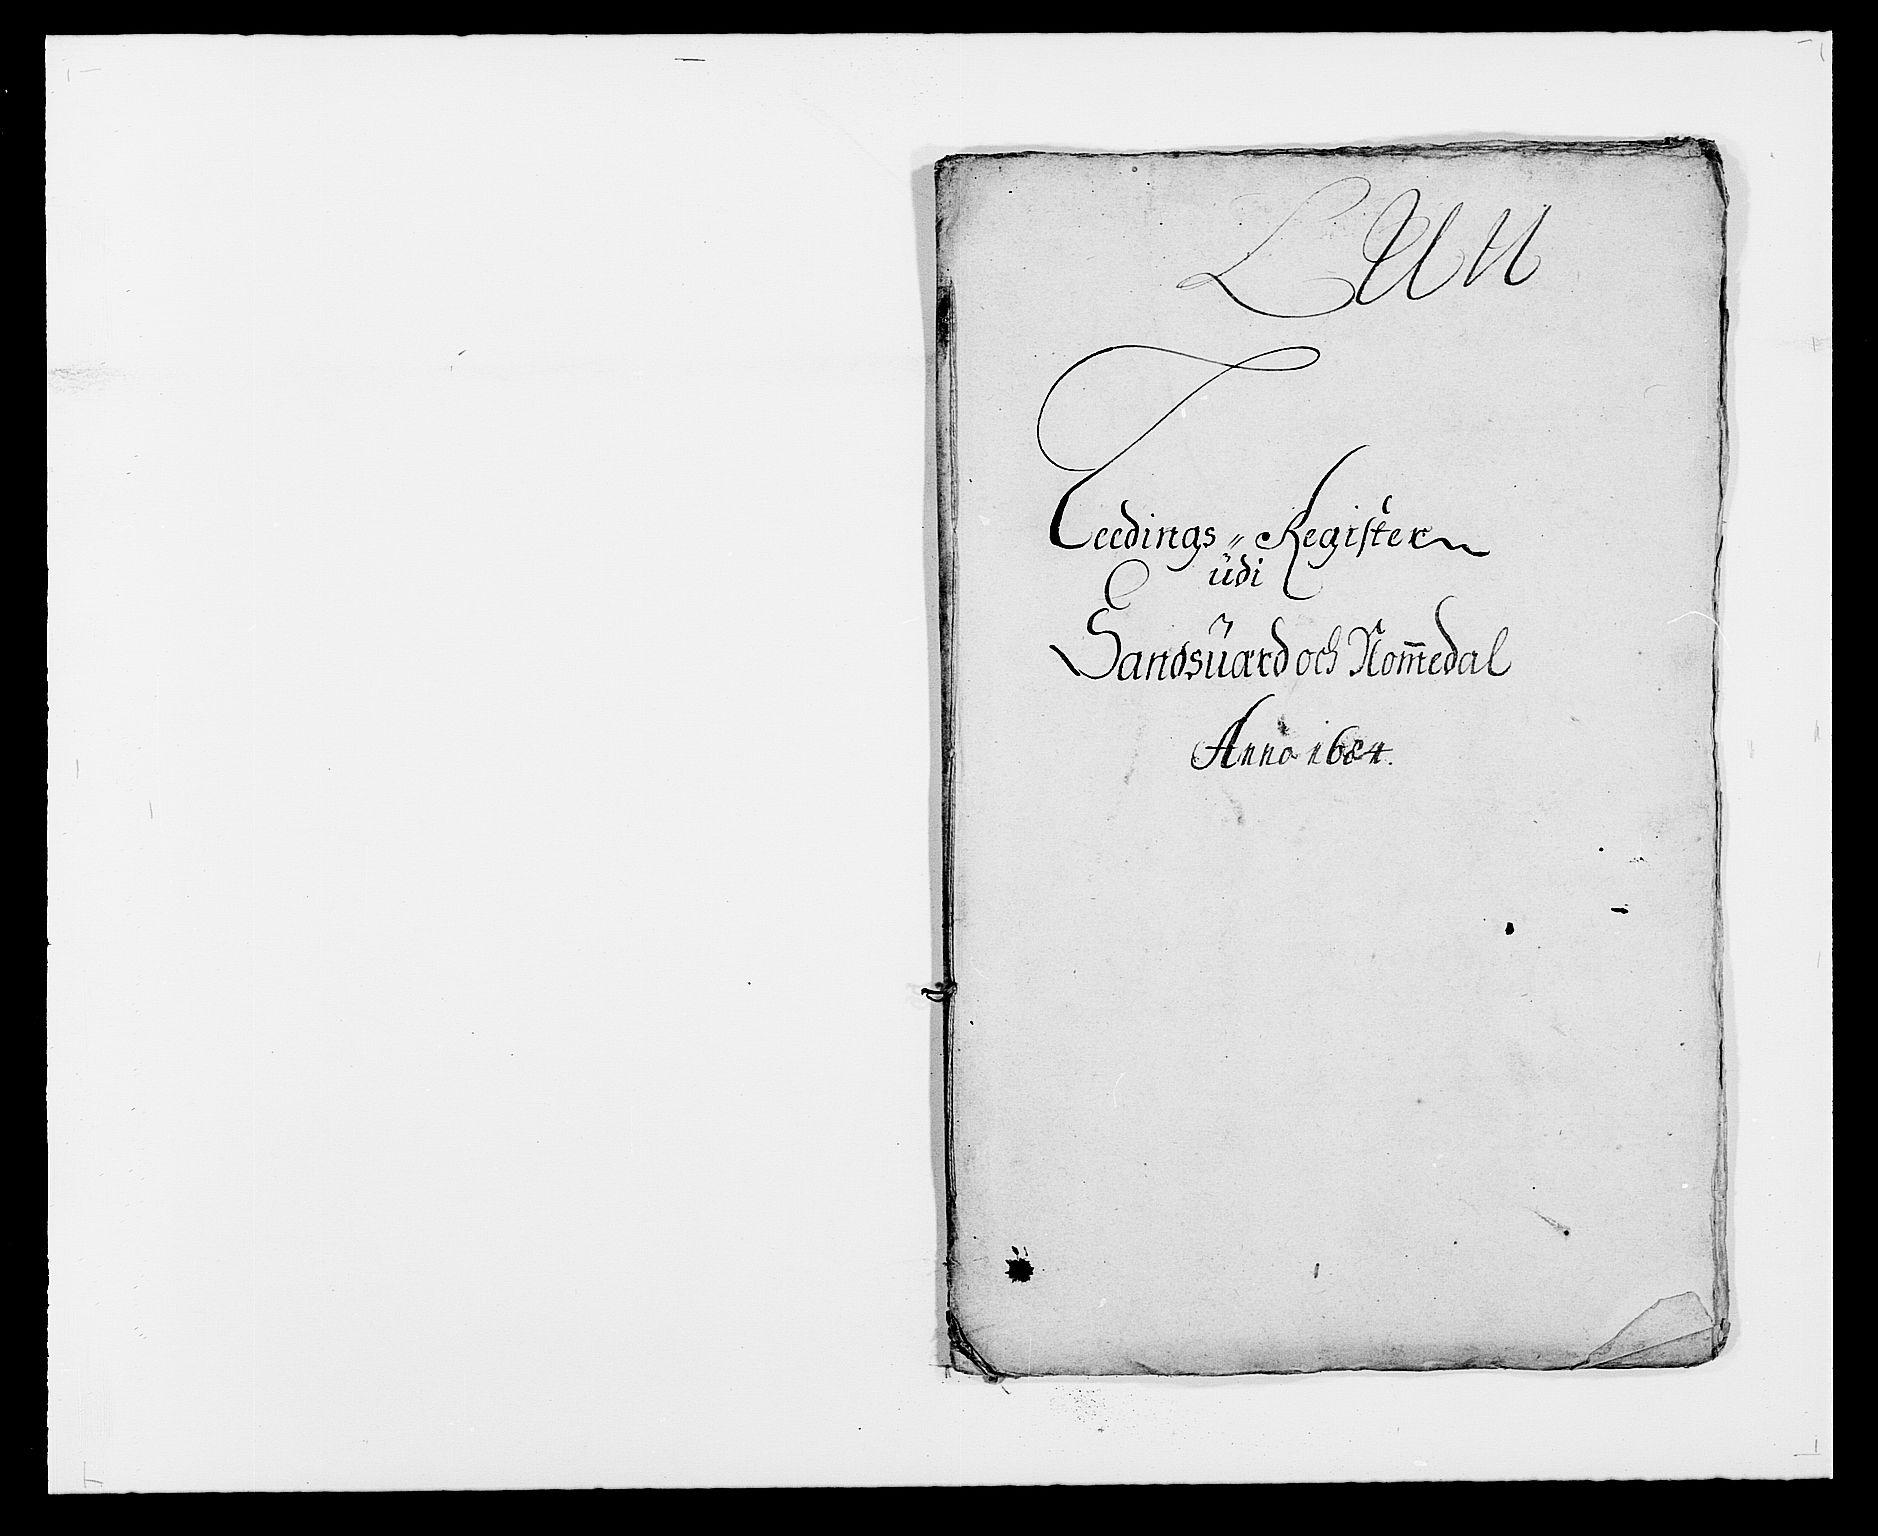 RA, Rentekammeret inntil 1814, Reviderte regnskaper, Fogderegnskap, R24/L1571: Fogderegnskap Numedal og Sandsvær, 1679-1686, s. 3